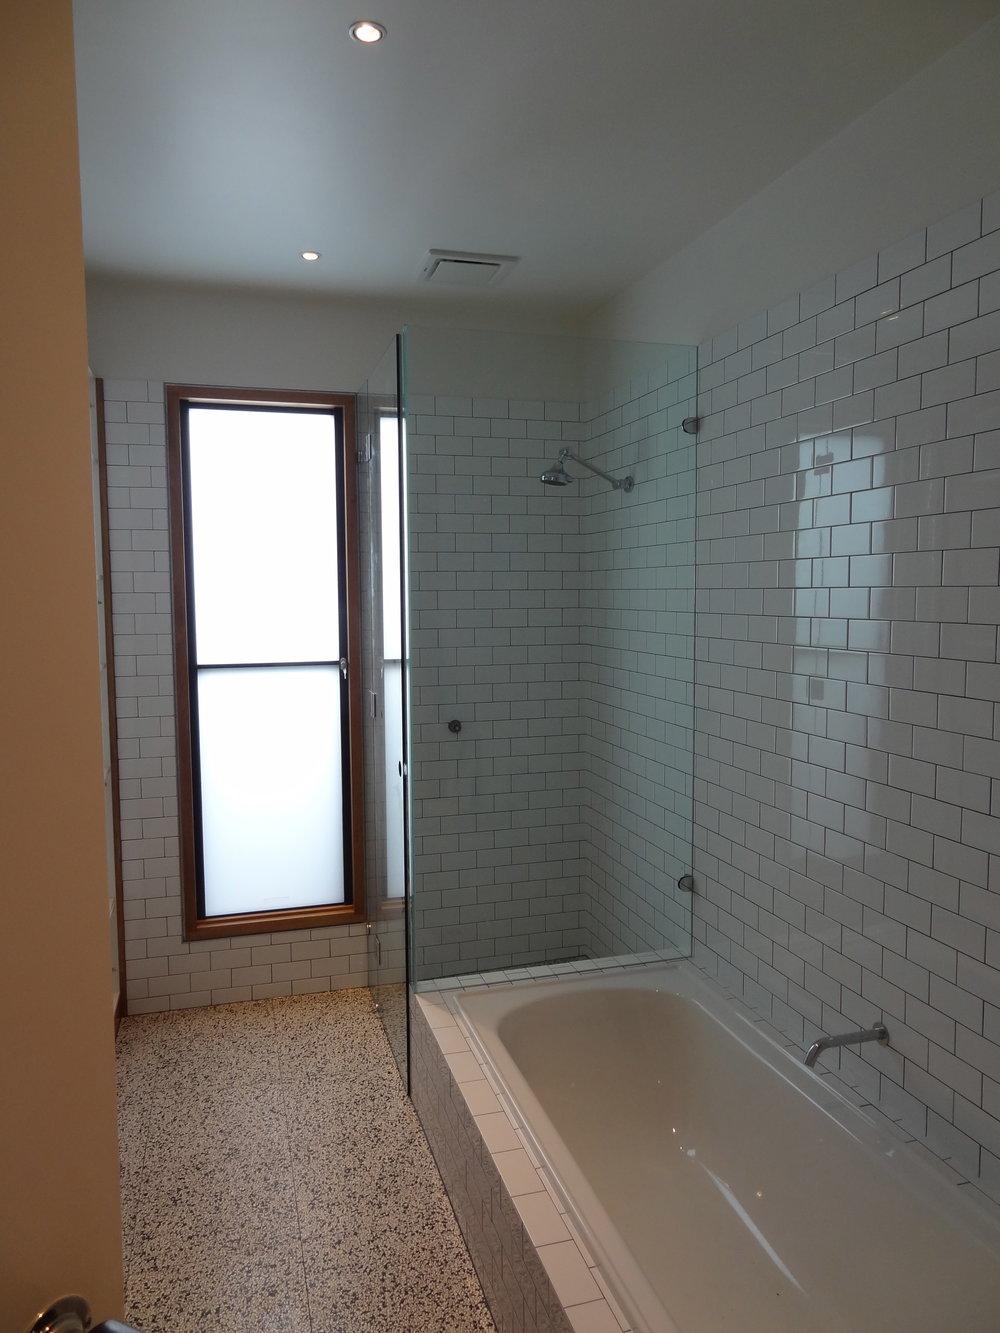 showerscreen_03.jpg